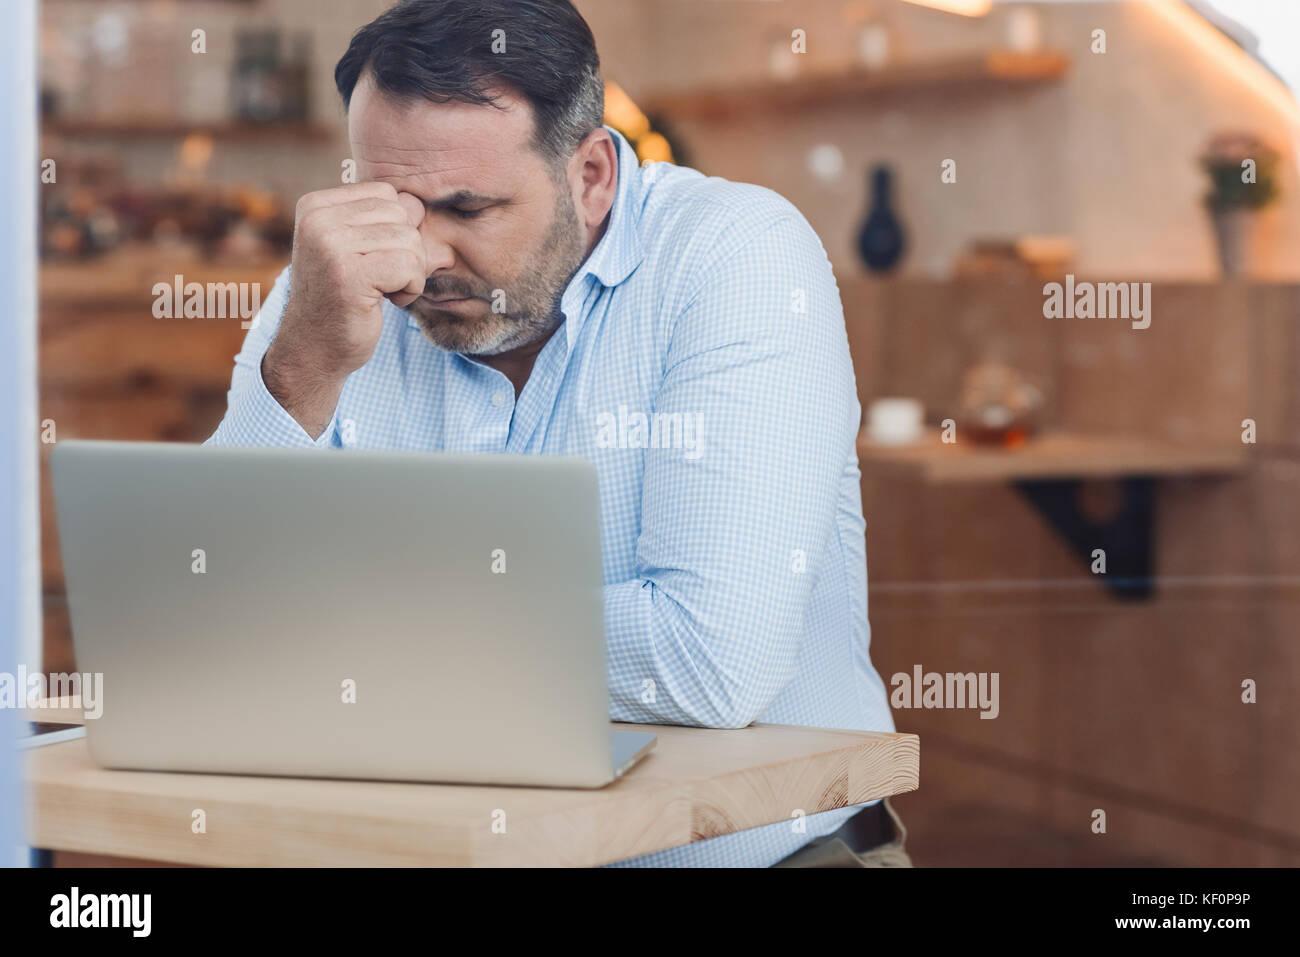 Empresario deprimidas con portátil Imagen De Stock